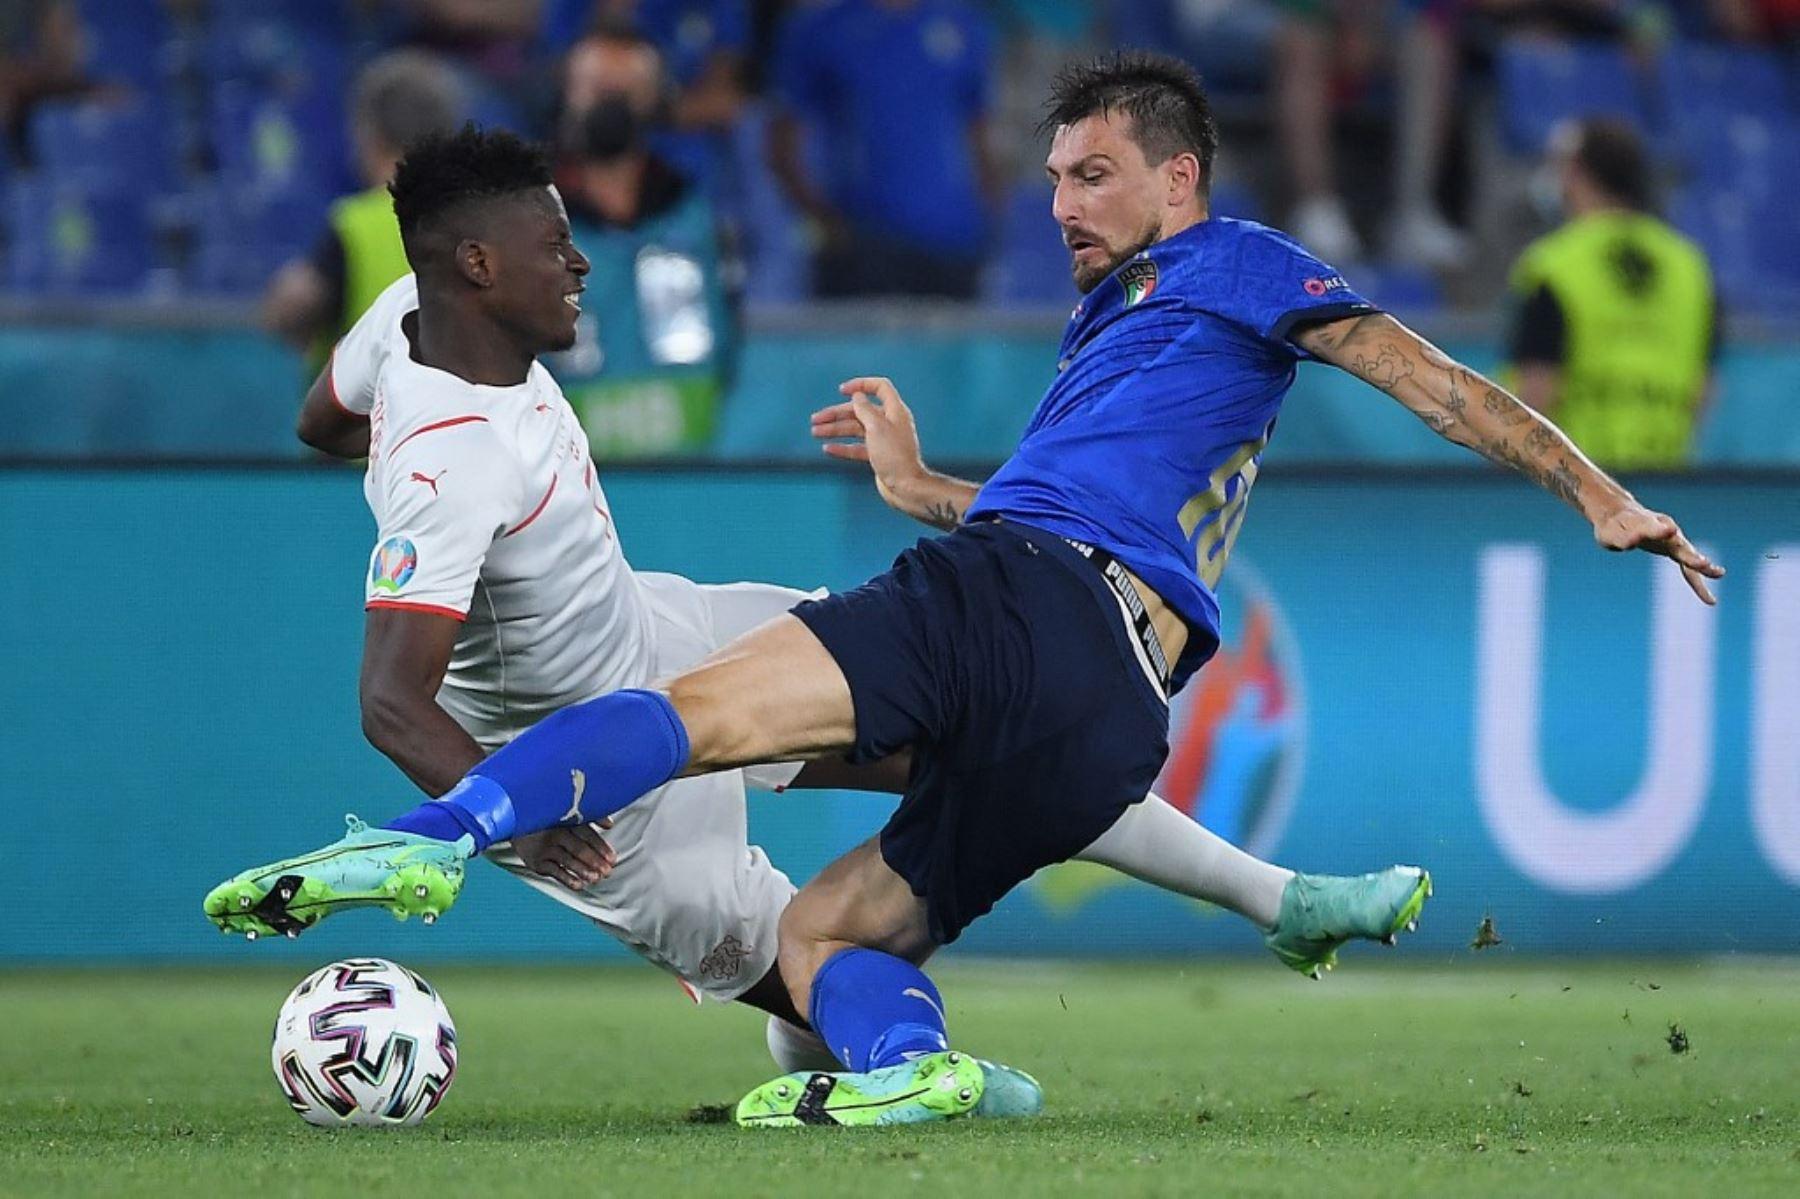 El delantero suizo Breel Embolo (L) compite por el balón con el defensor italiano Francesco Acerbi durante el partido de fútbol del Grupo A de la UEFA EURO 2020 entre Italia y Suiza en el Estadio Olímpico de Roma el 16 de junio de 2021. Foto: AFP